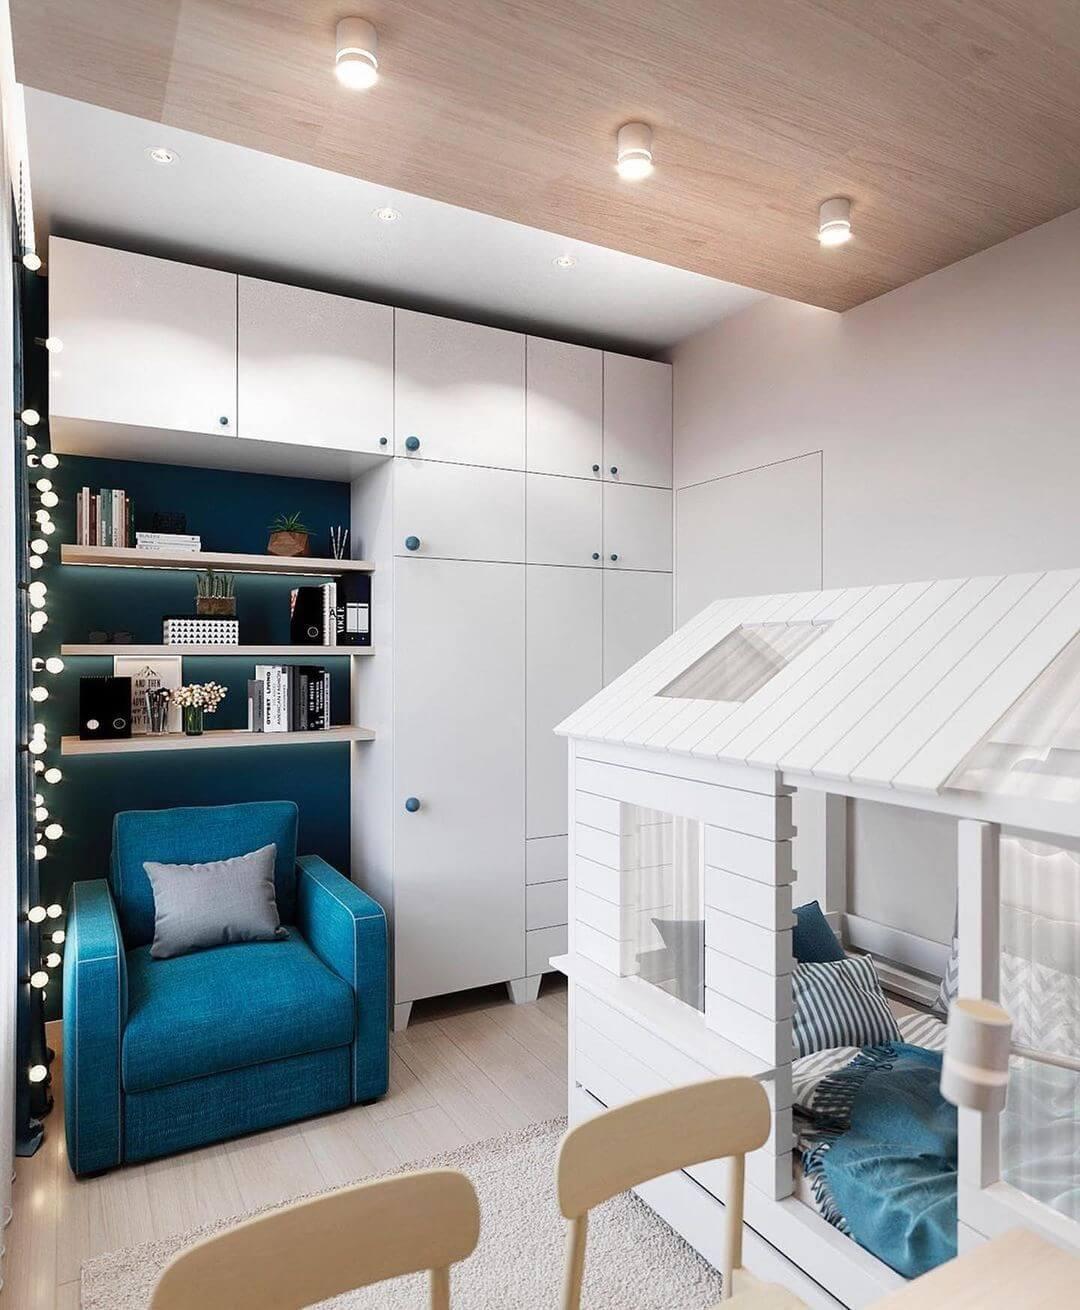 Дизайн комнаты для дошкольника 2